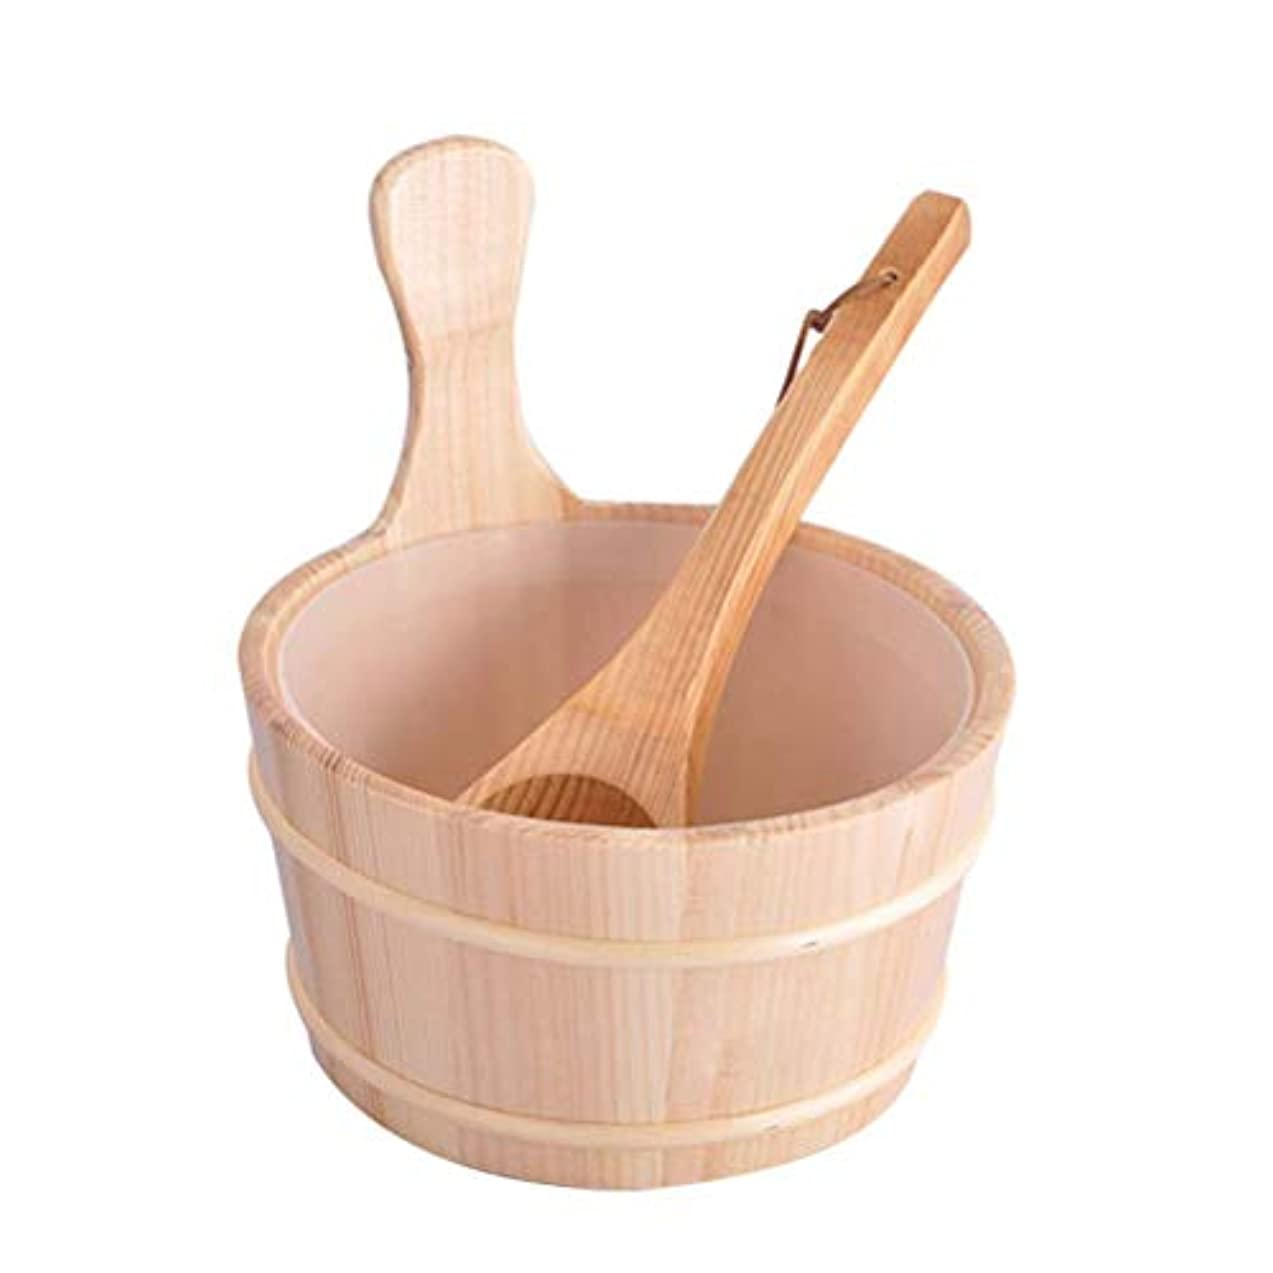 ぬいぐるみ副お母さんHealifty 木製バケツスプーン入浴バレルセットバケツ2個(ニュートラルスタイル)